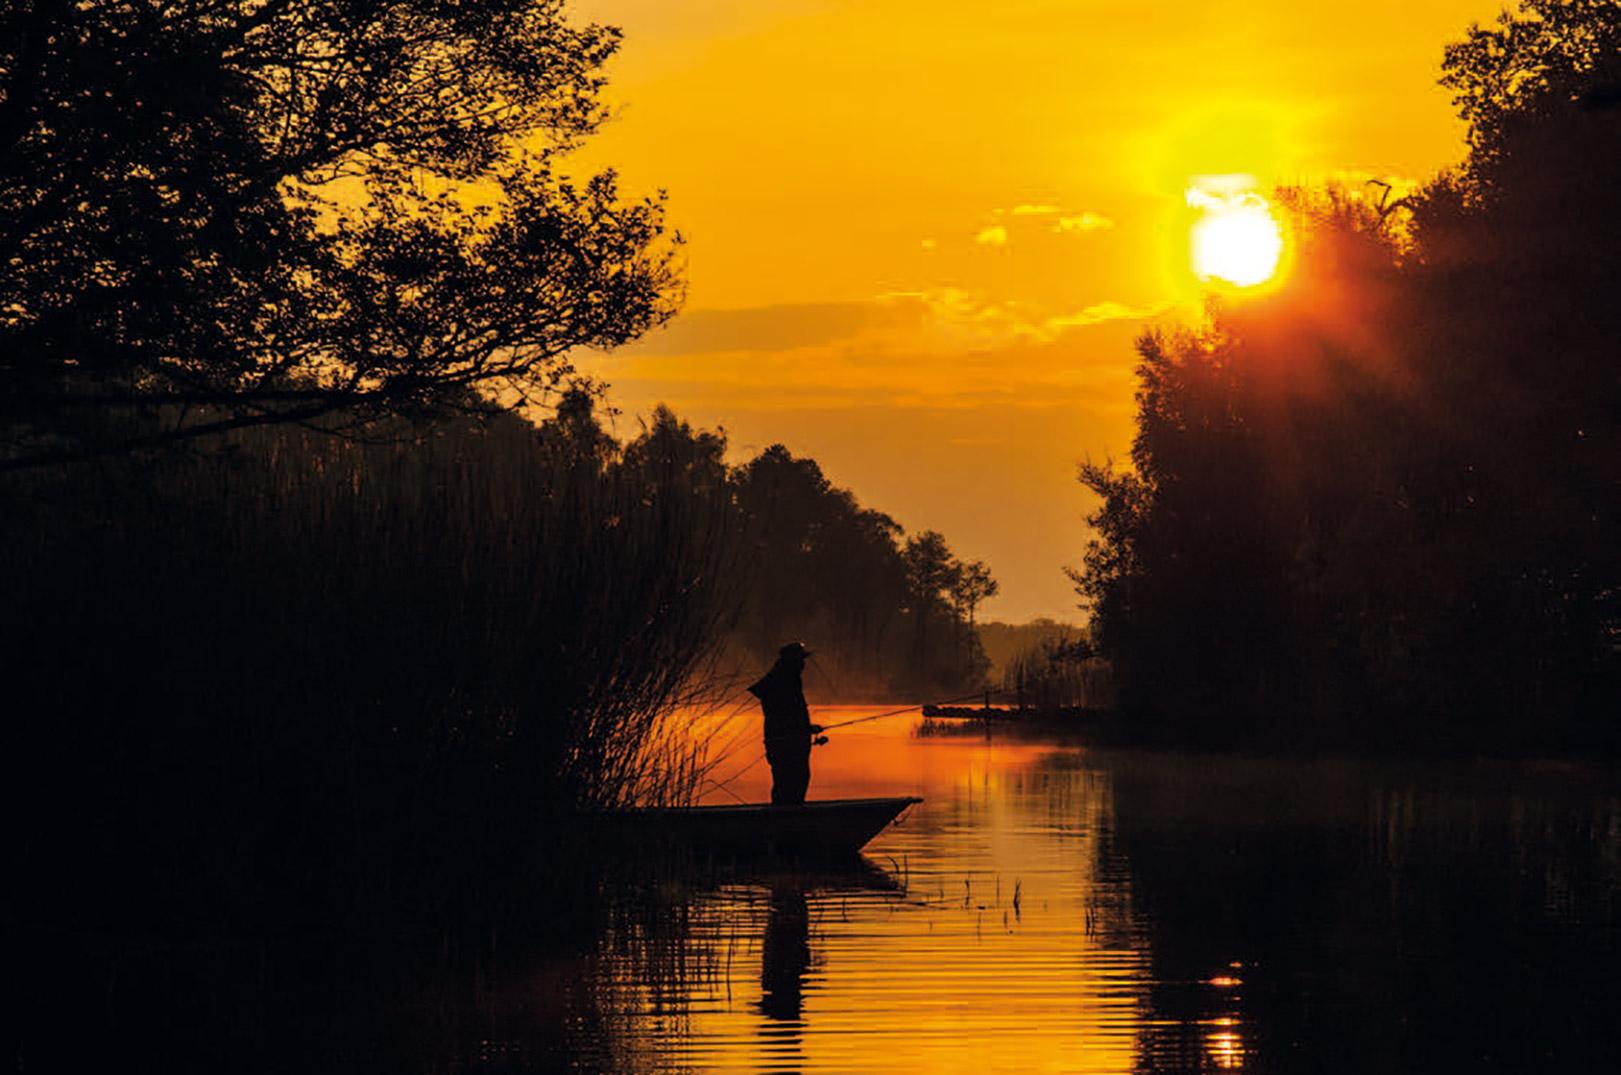 Den gyldne time er kvalitets fisketid, hvor aborrerne ofte er i hugget.